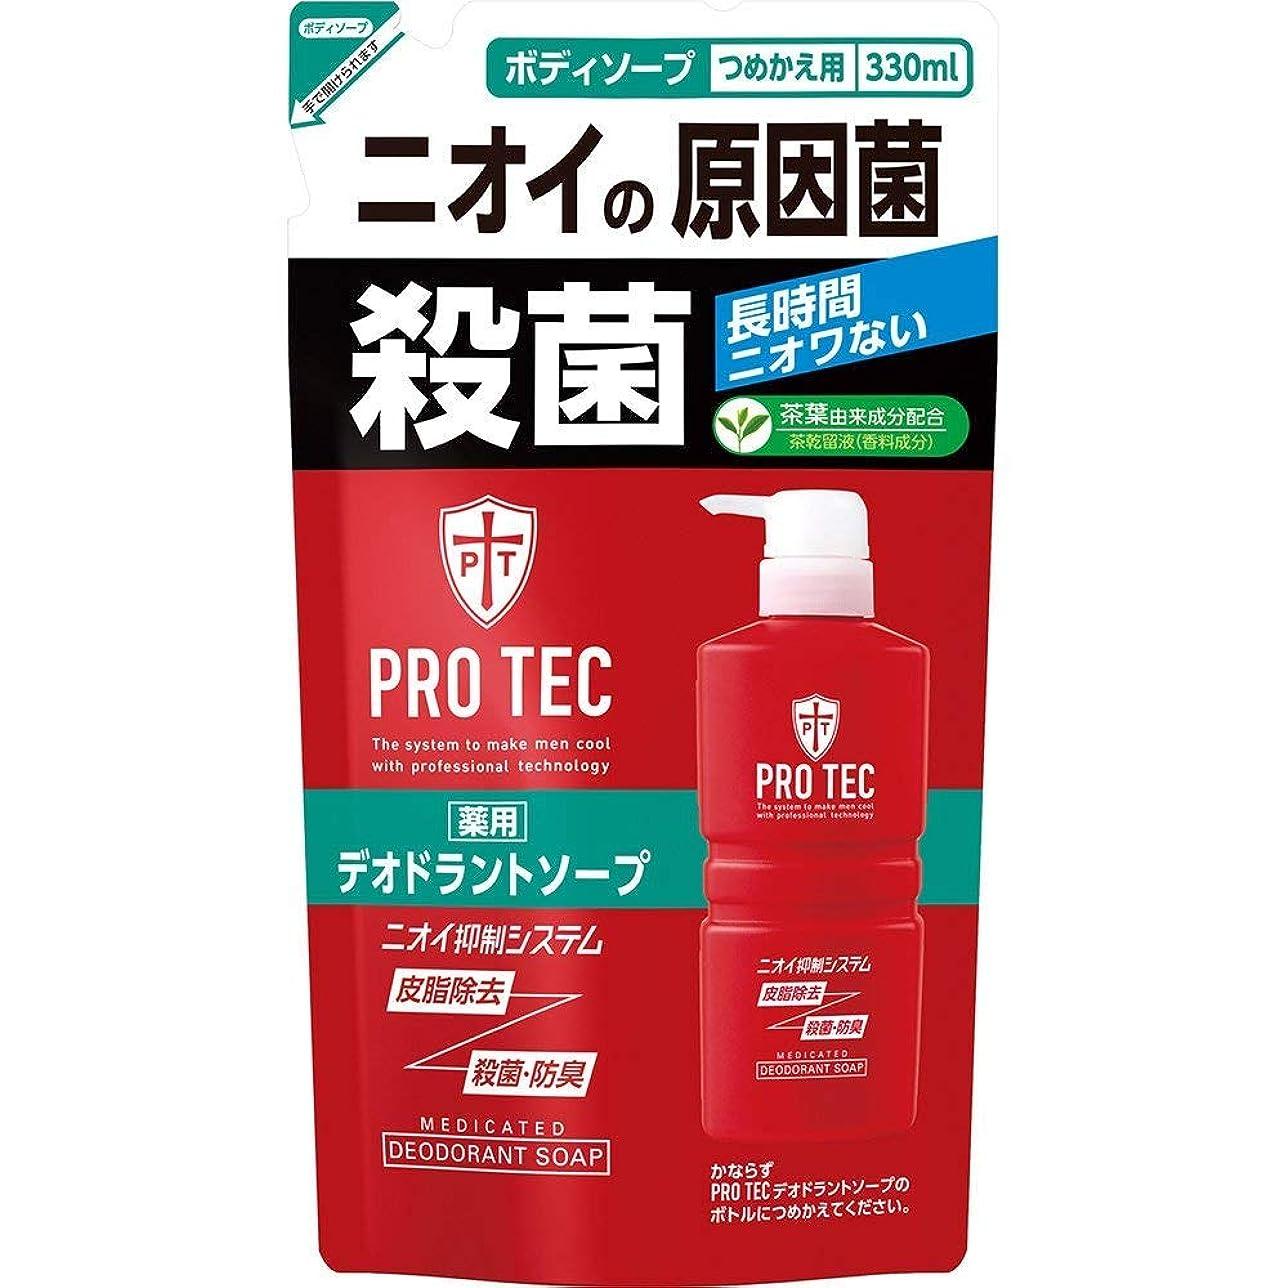 顔料かもめに渡ってPRO TEC デオドラントソープ つめかえ用 330ml ×2セット